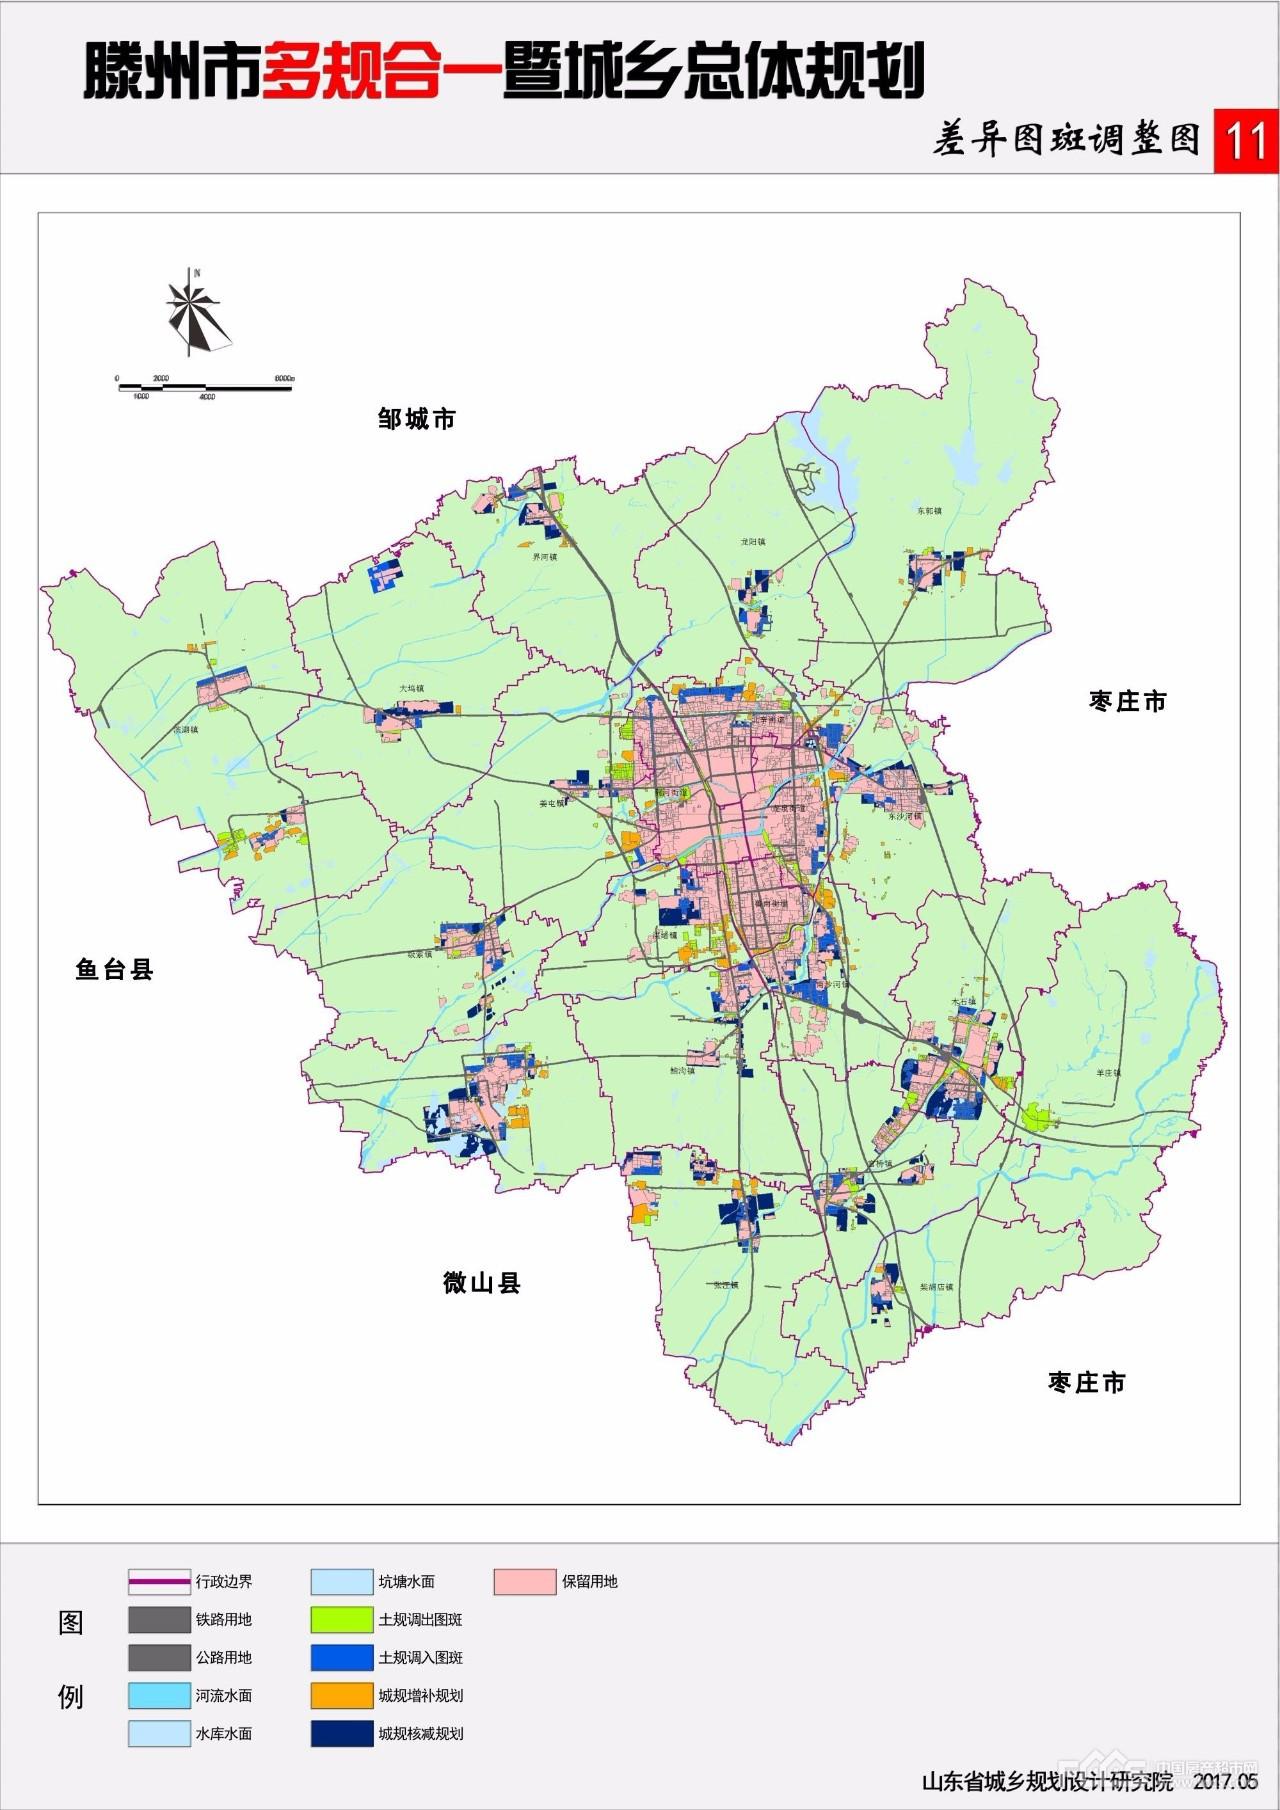 滕州城乡总体规划出炉,涉及范围极广